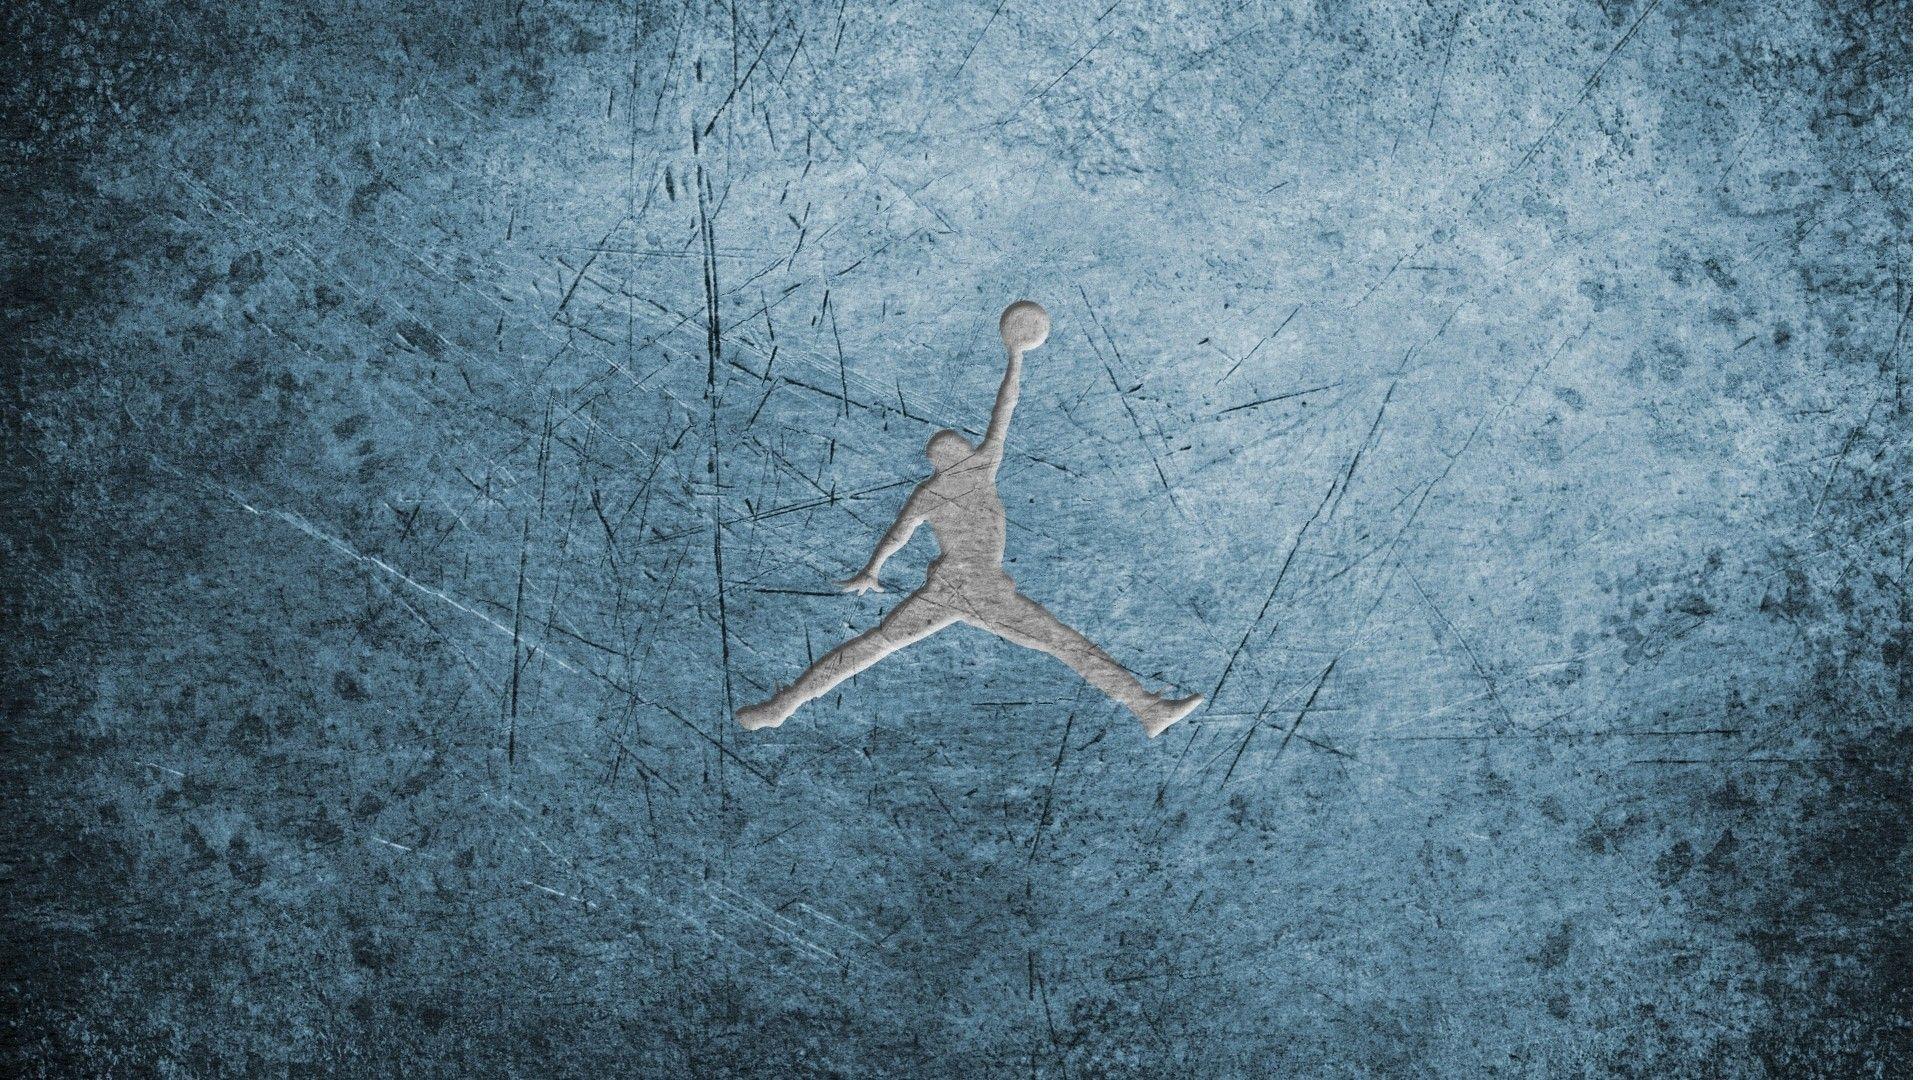 1920x1080 Images For Air Jordan Logo Wallpaper Hd